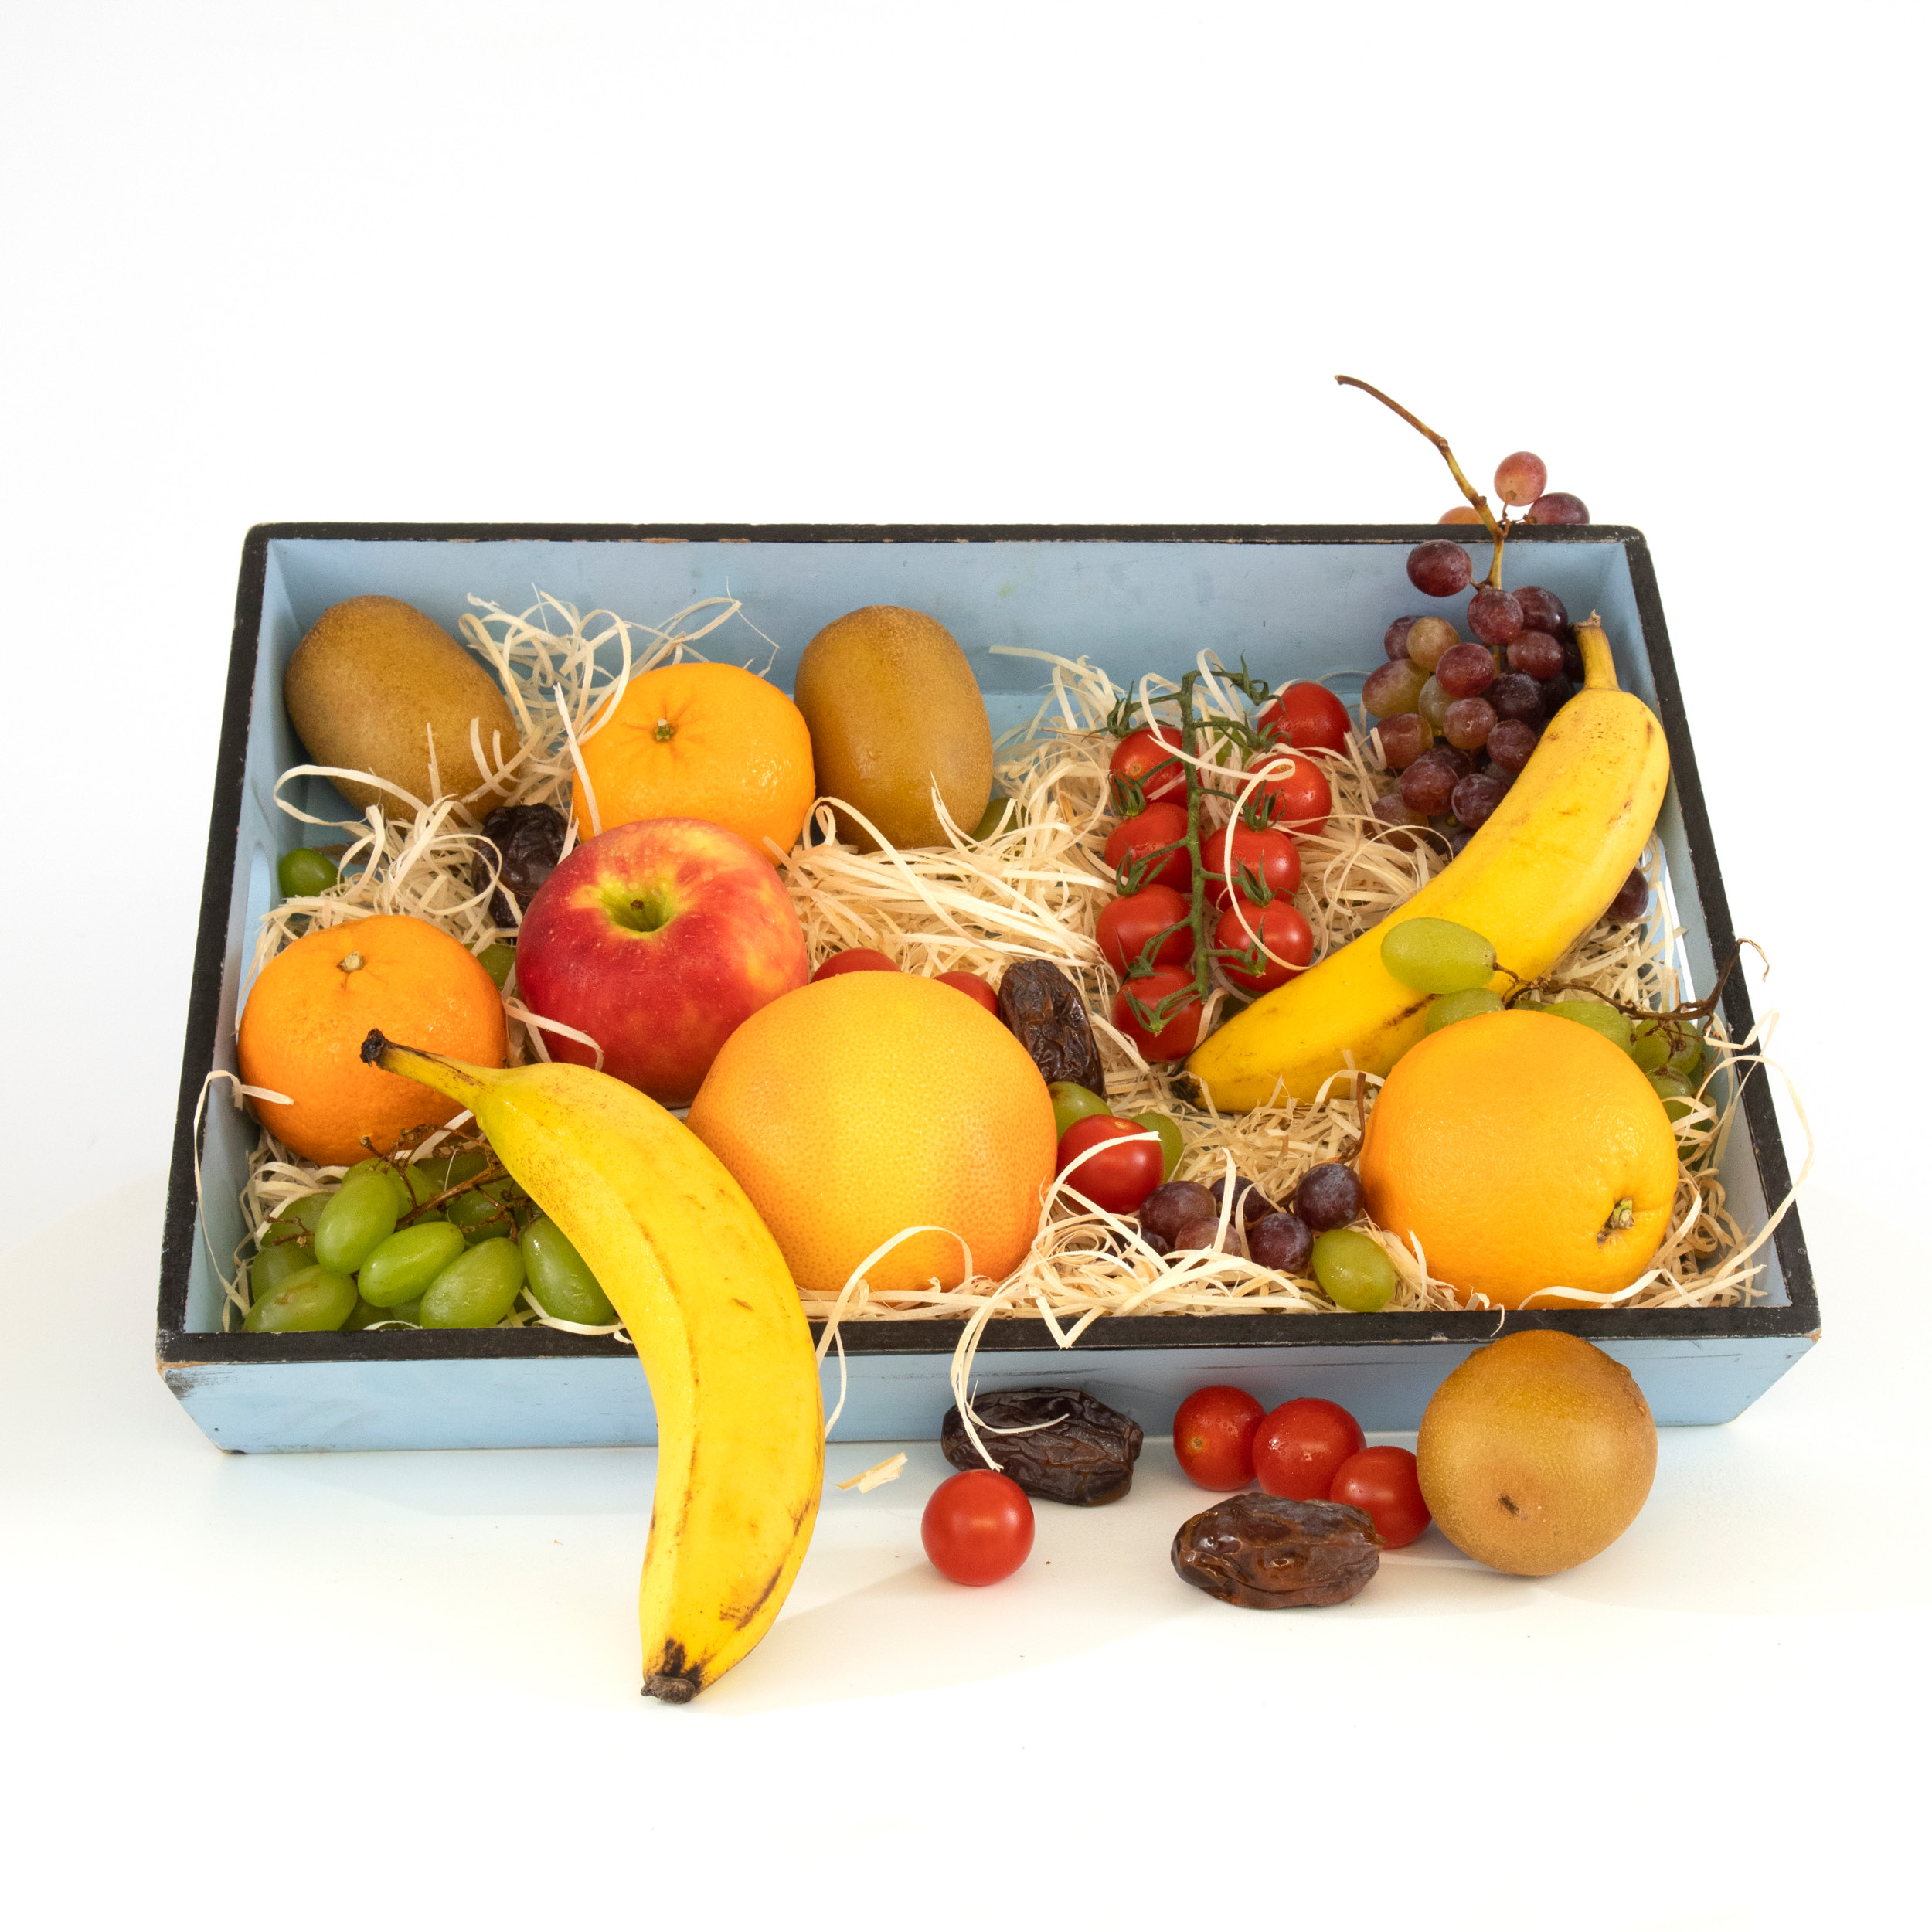 Ons fruit is heerlijk sappig en zoet. Geef hem in een prachtige BonBox met jouw foto en tekst erop!